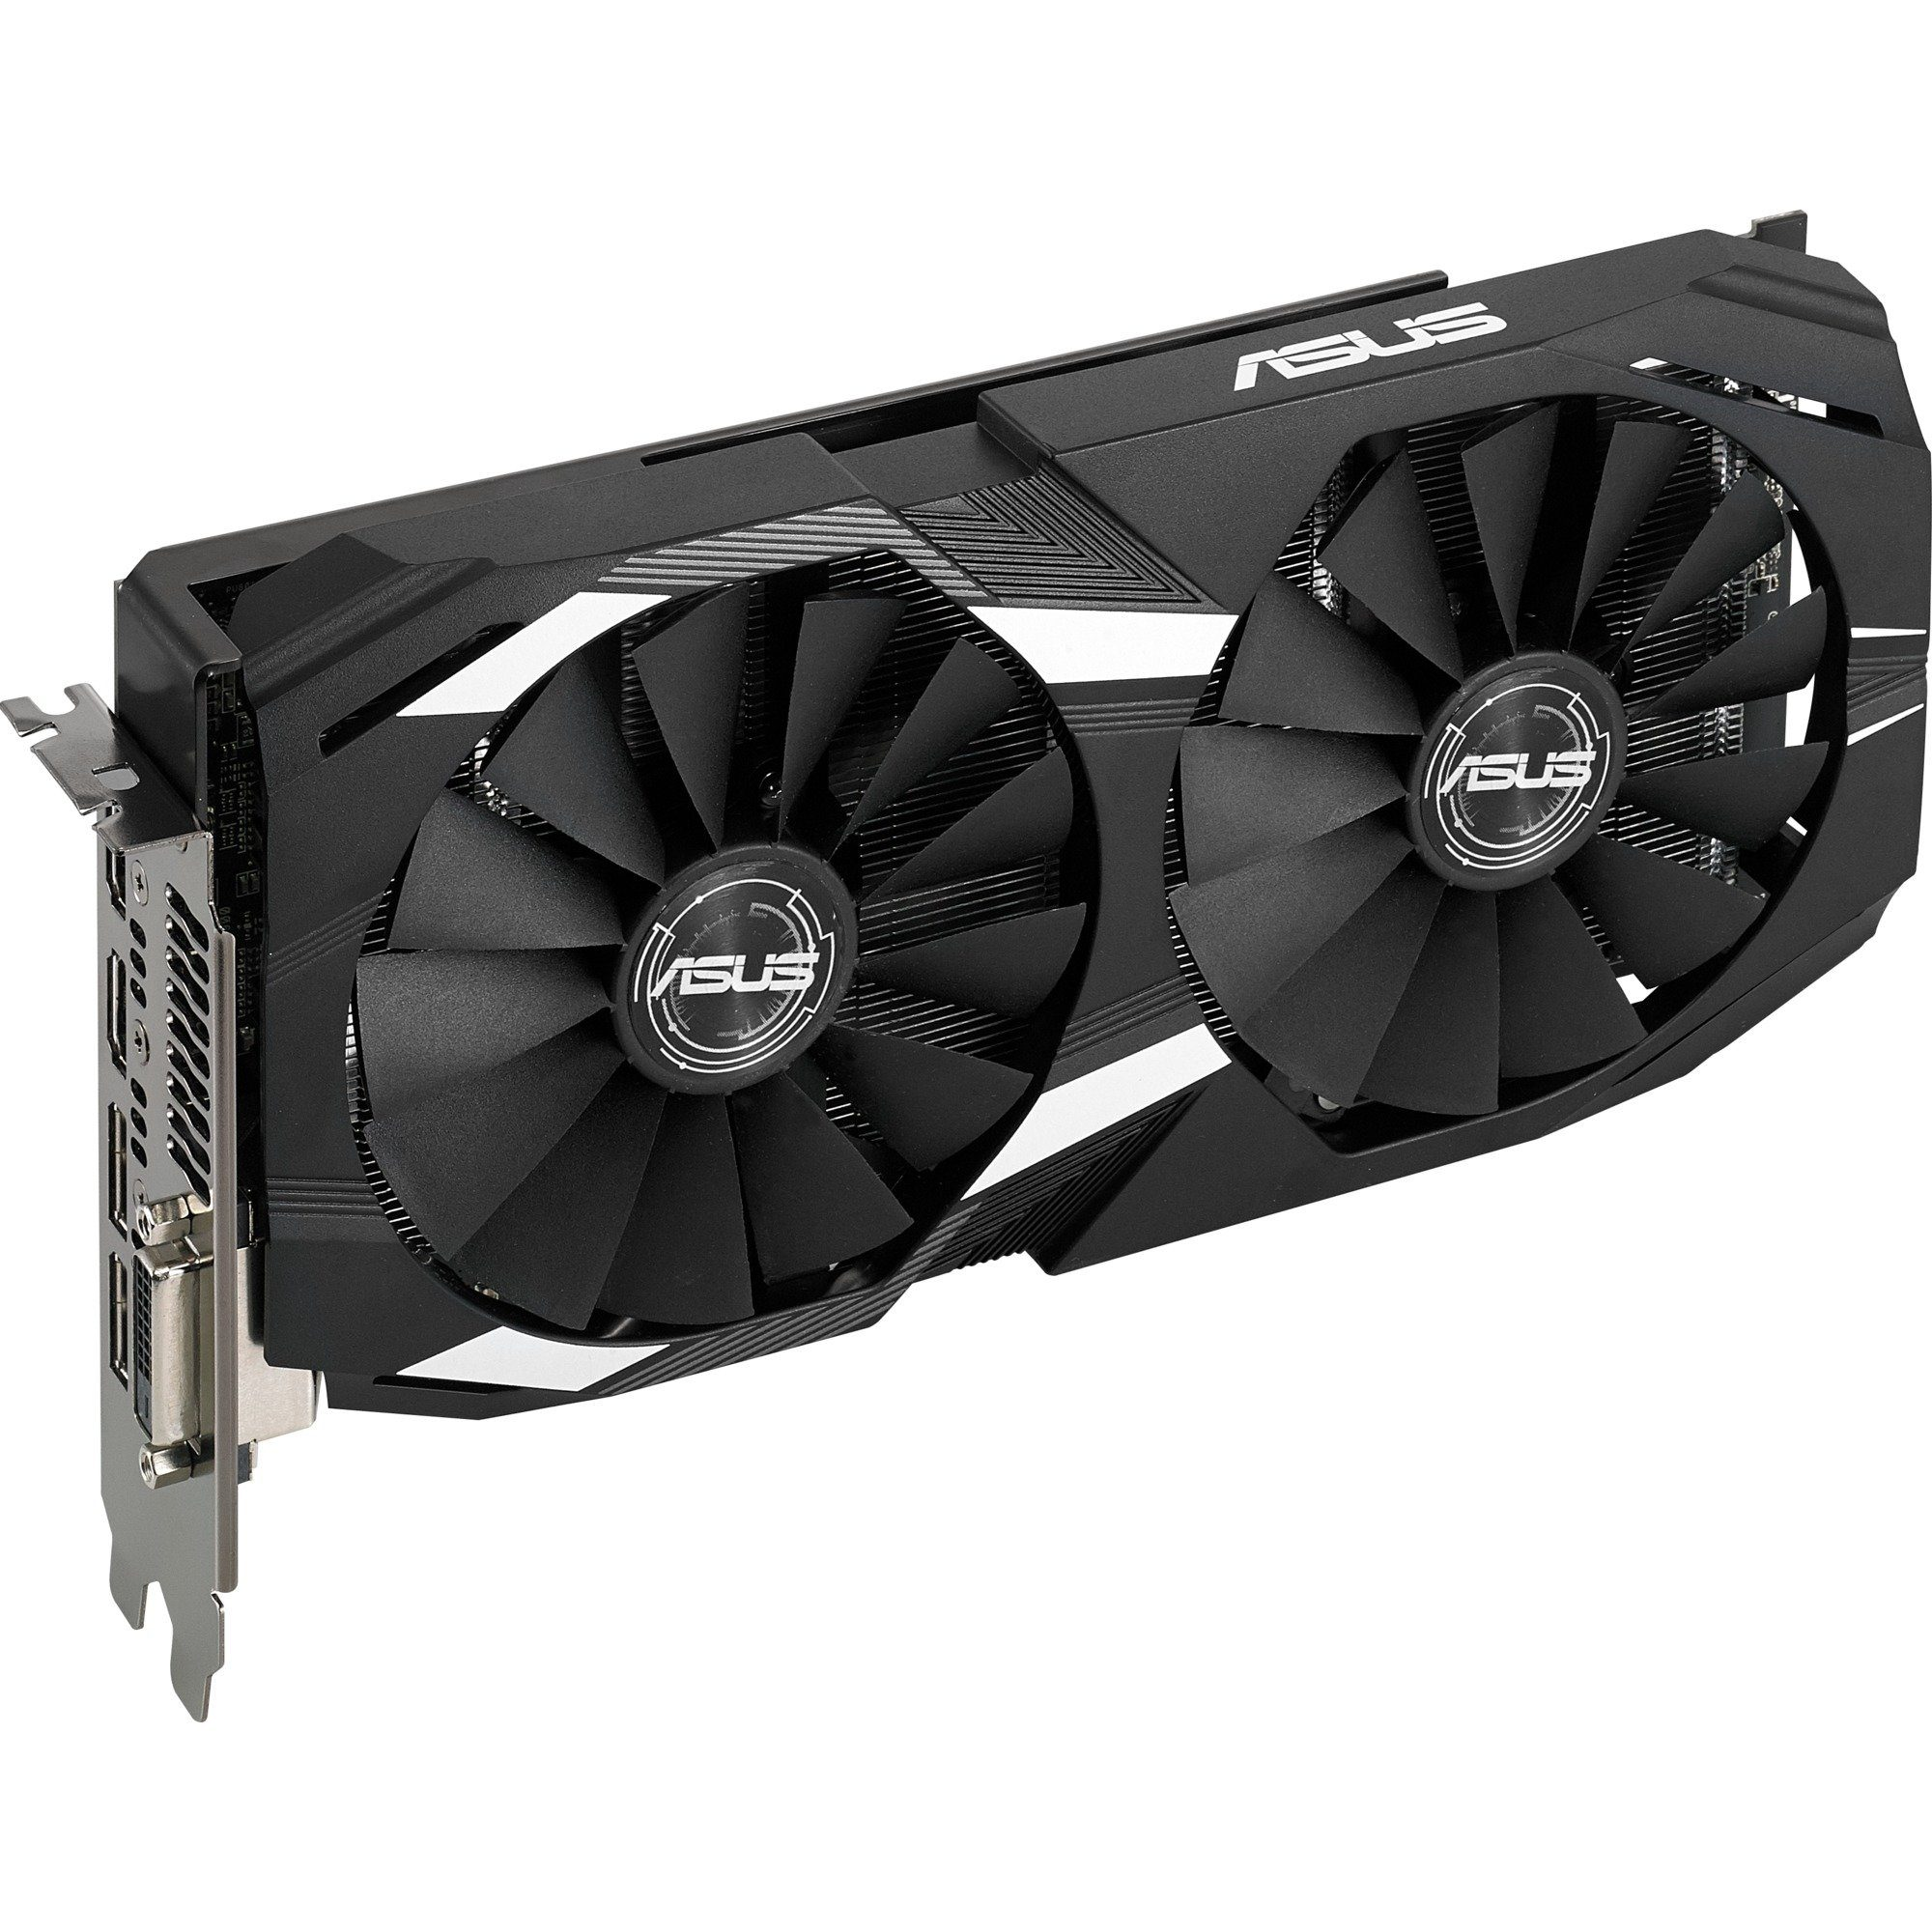 ASUS Grafikkarte »Radeon RX 580 DUAL, 2x HDMI, 2x DisplayPort, DVI-D«